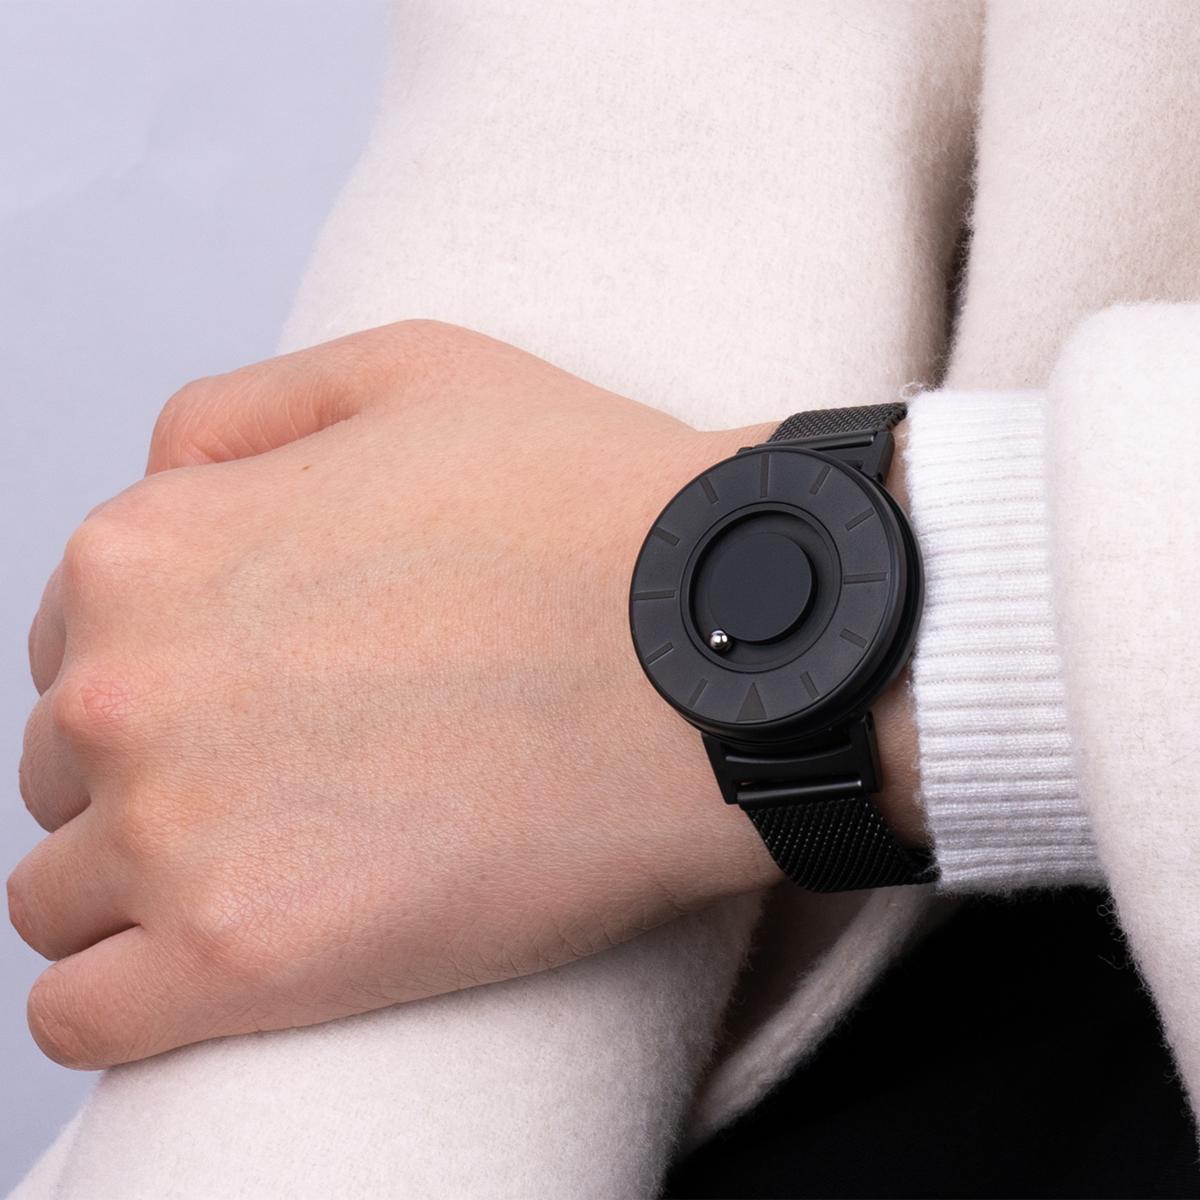 主張していないのにグッと目を引く、重厚感のあるオールブラックは、男女問わず印象的な手元を演出してくれます。腕元におさまるコンパクトな文字盤、軽やかな装着感のメッシュバンド。触って時間を知る「腕時計」| EONE